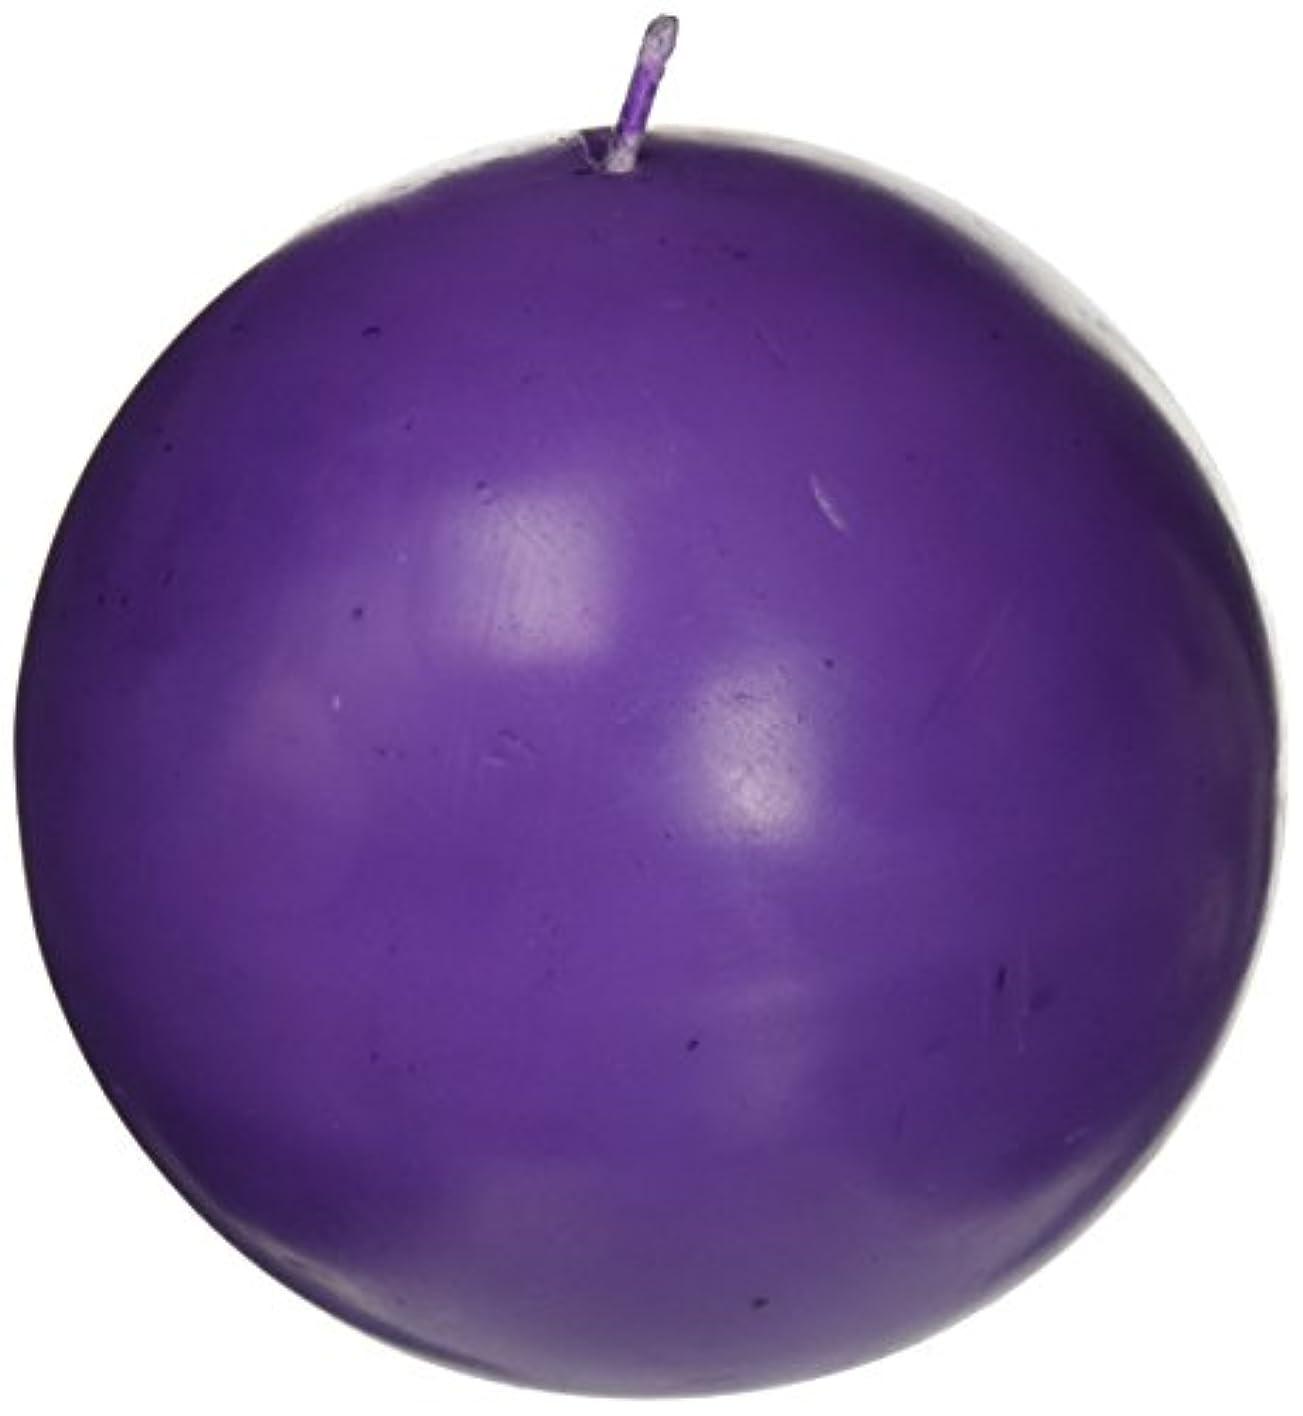 ファーザーファージュヒステリック感情Zest Candle CBZ-034 4 in. Purple Ball Candles -2pc-Box